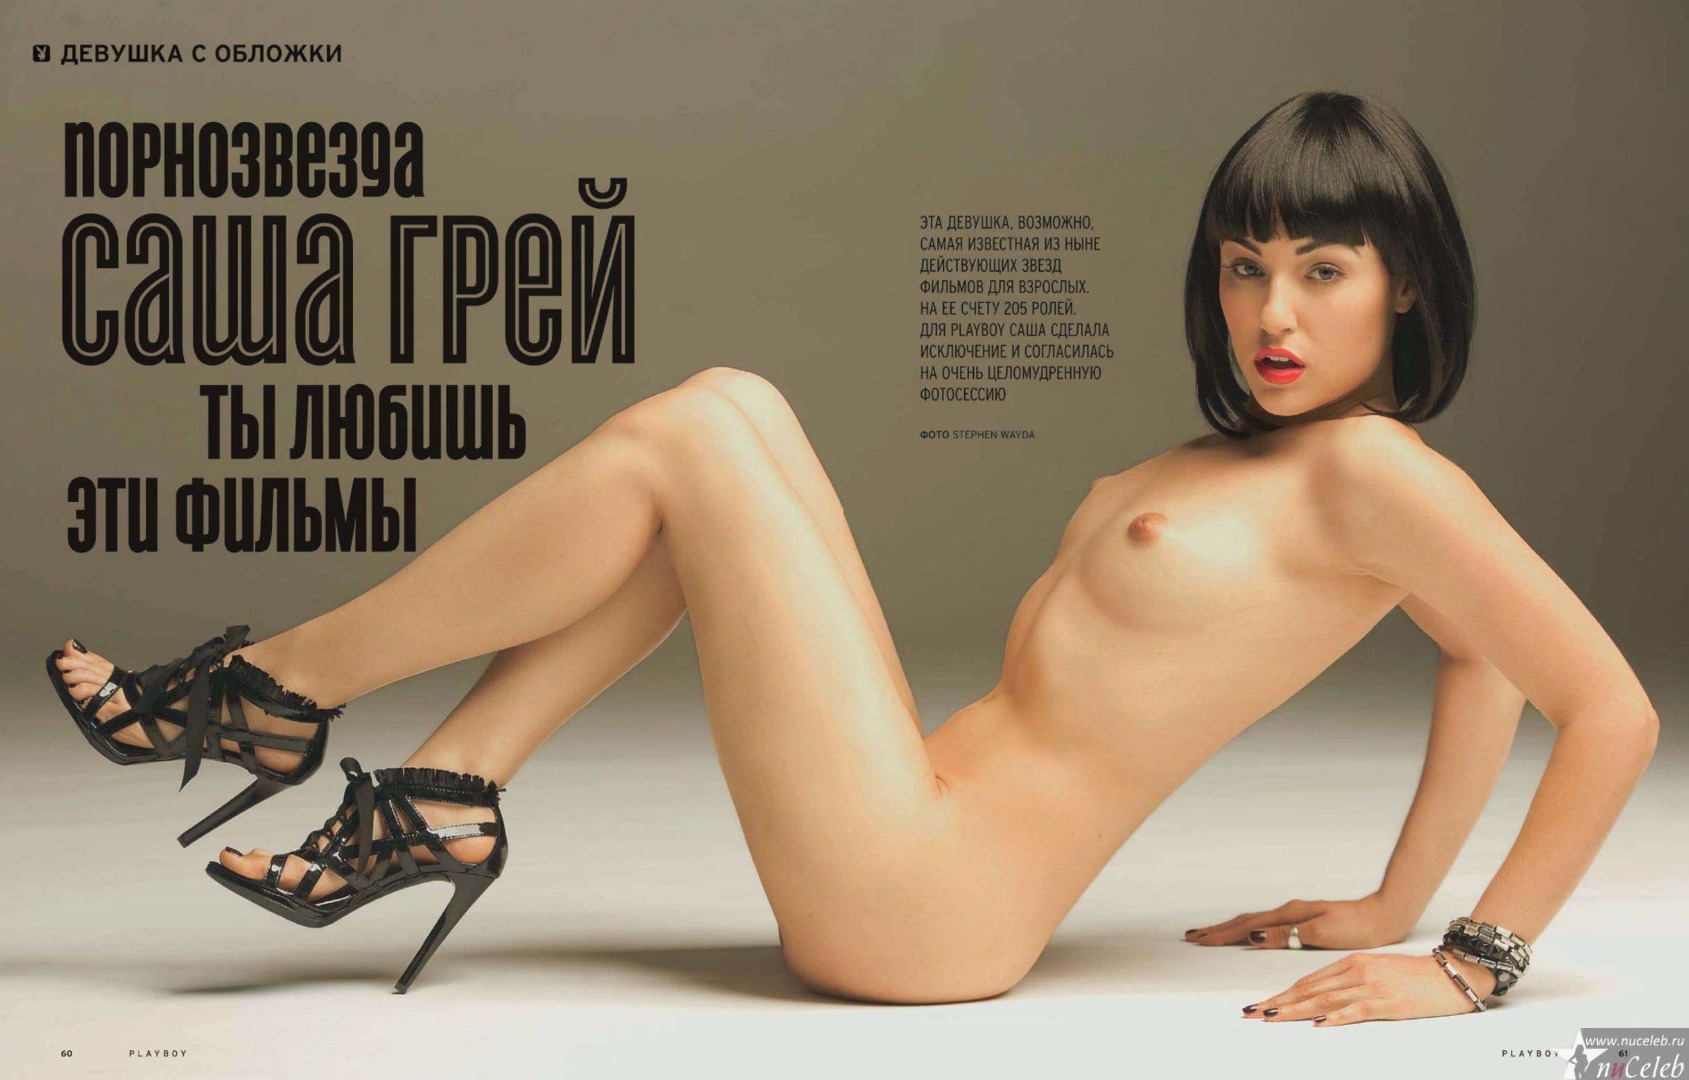 Саша грей голая эро 7 фотография